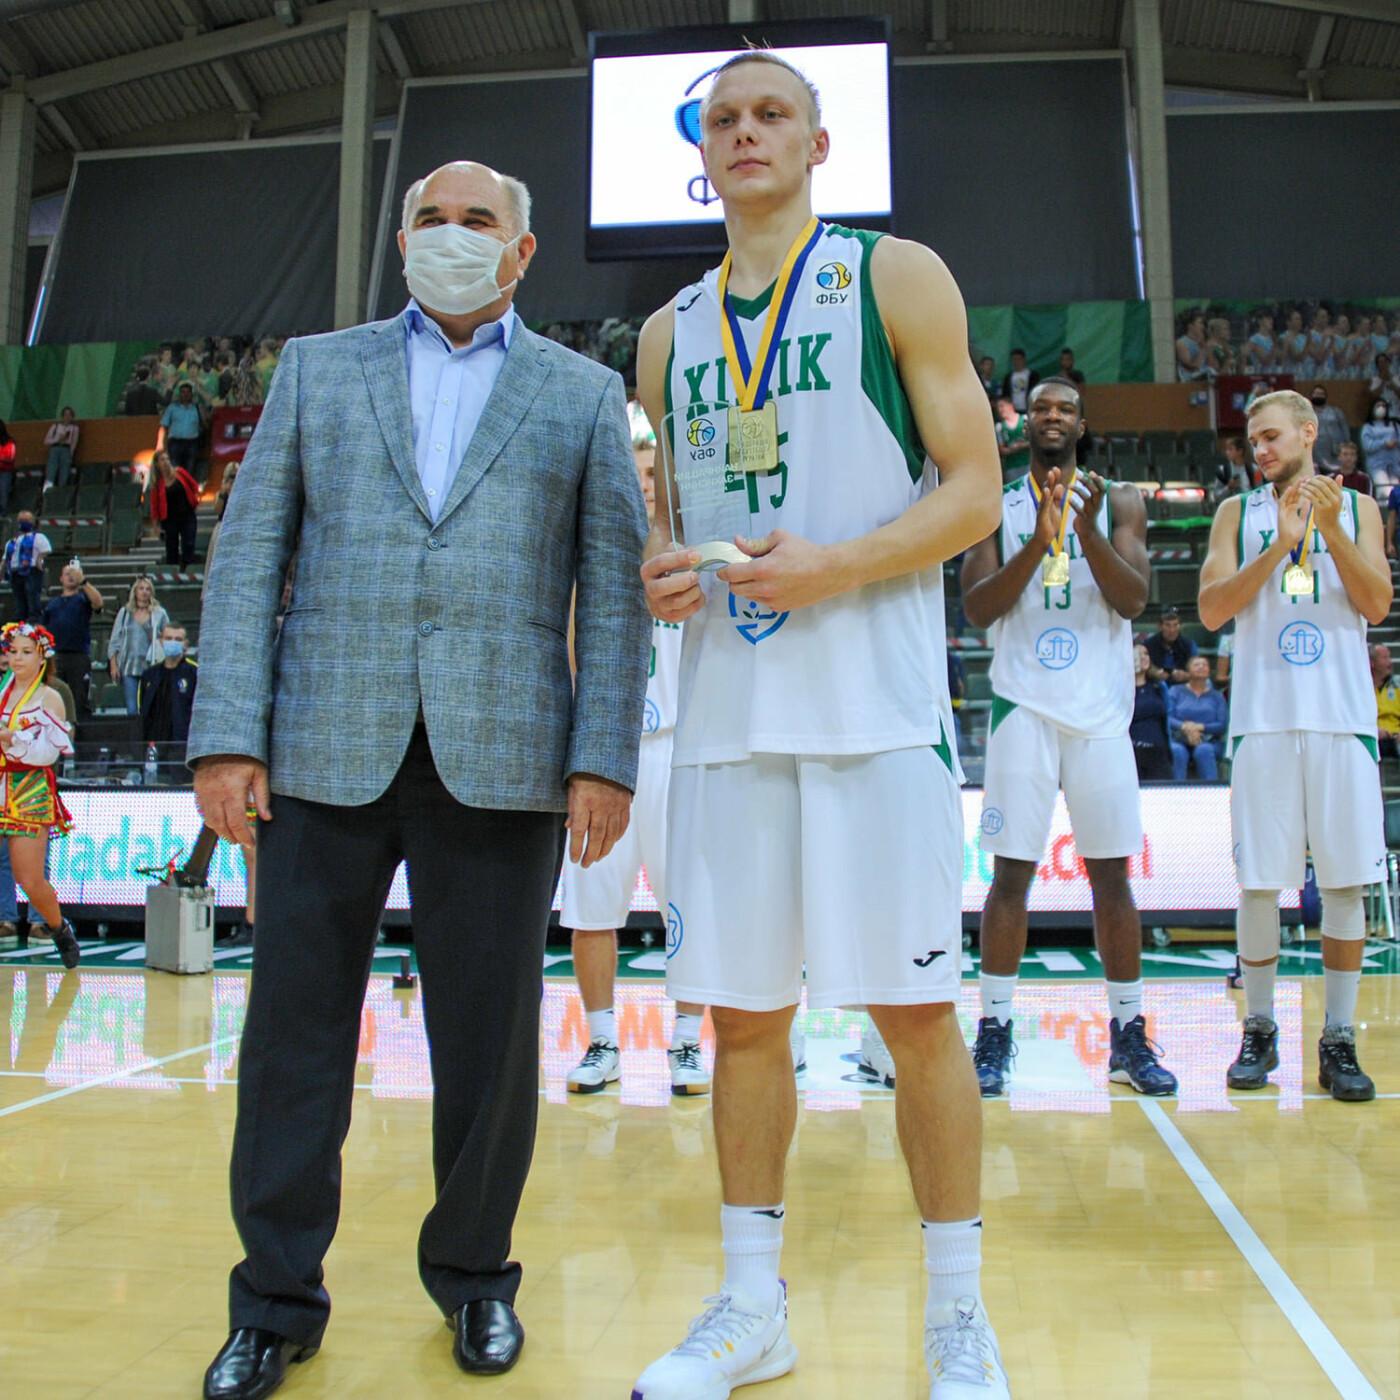 Лучший в финале Кубка Украины: лозовской баскетболист получил награду, фото-1